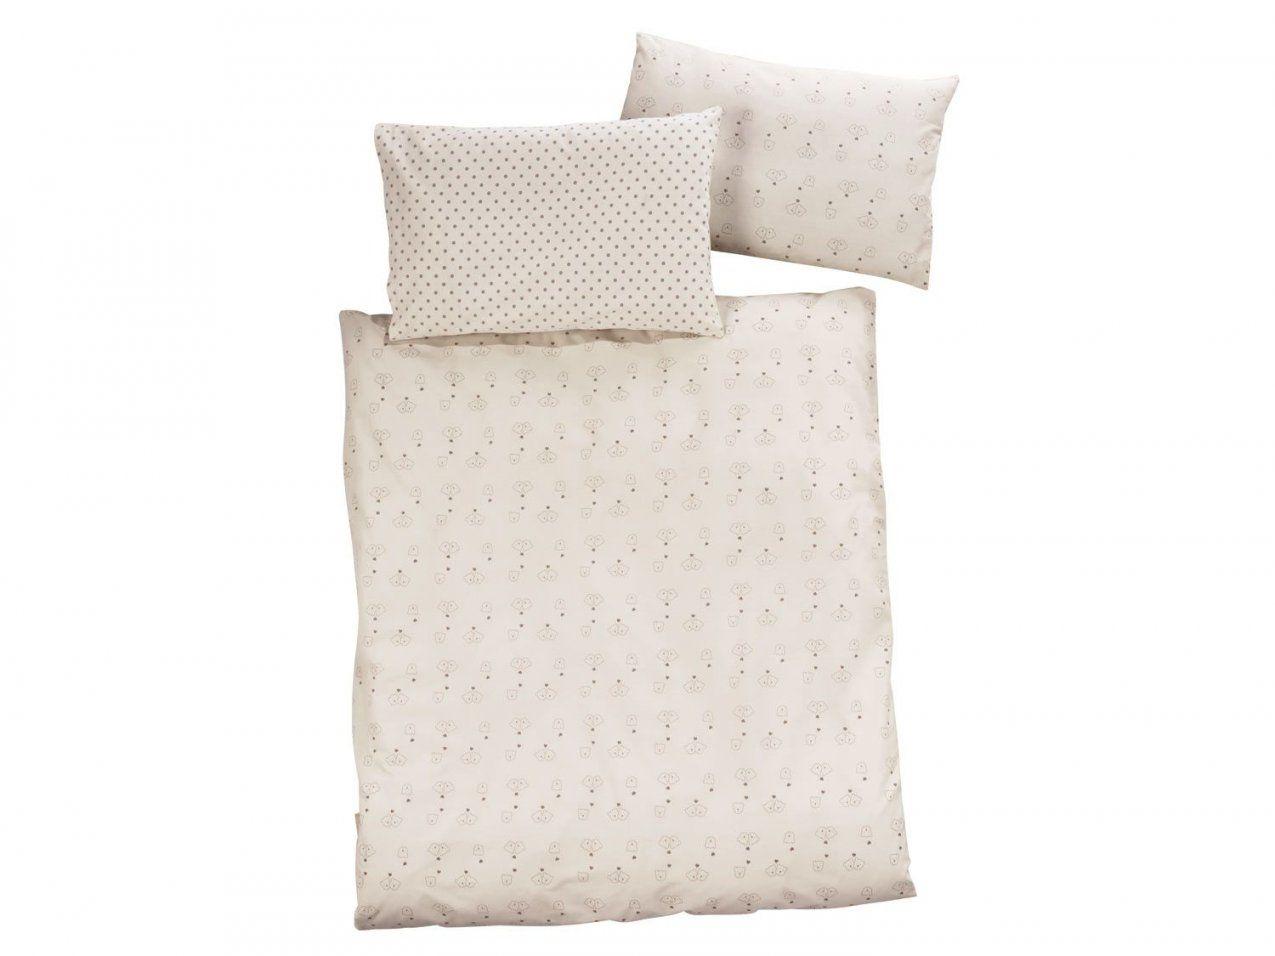 Bettwäsche Günstig Online Kaufen Traumhaft Weich  Lidl von Frottee Bettwäsche 100 Baumwolle Bild